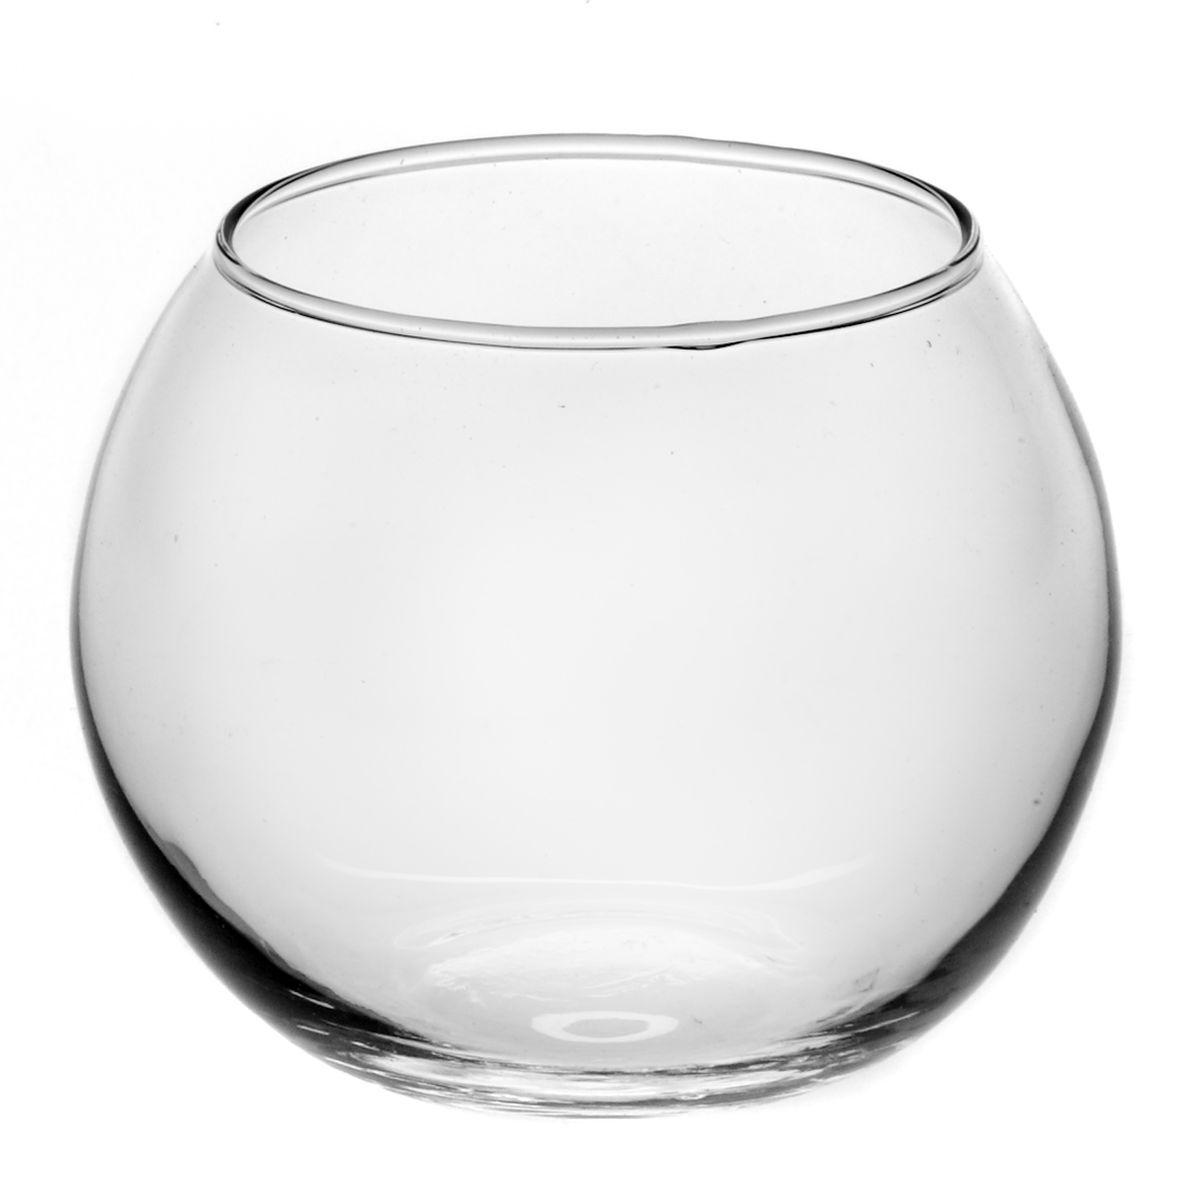 Ваза Pasabahce Flora, высота 10,5 см43417BКруглая ваза Pasabahce Flora, выполненная из натрий-кальций-силикатного стекла, сочетает в себе изысканный дизайн с максимальной функциональностью. Ваза имеет гладкие прозрачные стенки. Она идеально подойдет для небольших цветов.Такая ваза придется по вкусу и ценителям классики, и тем, кто предпочитает утонченность и изысканность.Высота вазы: 10,5 см.Диаметр вазы (по верхнему краю): 8 см.